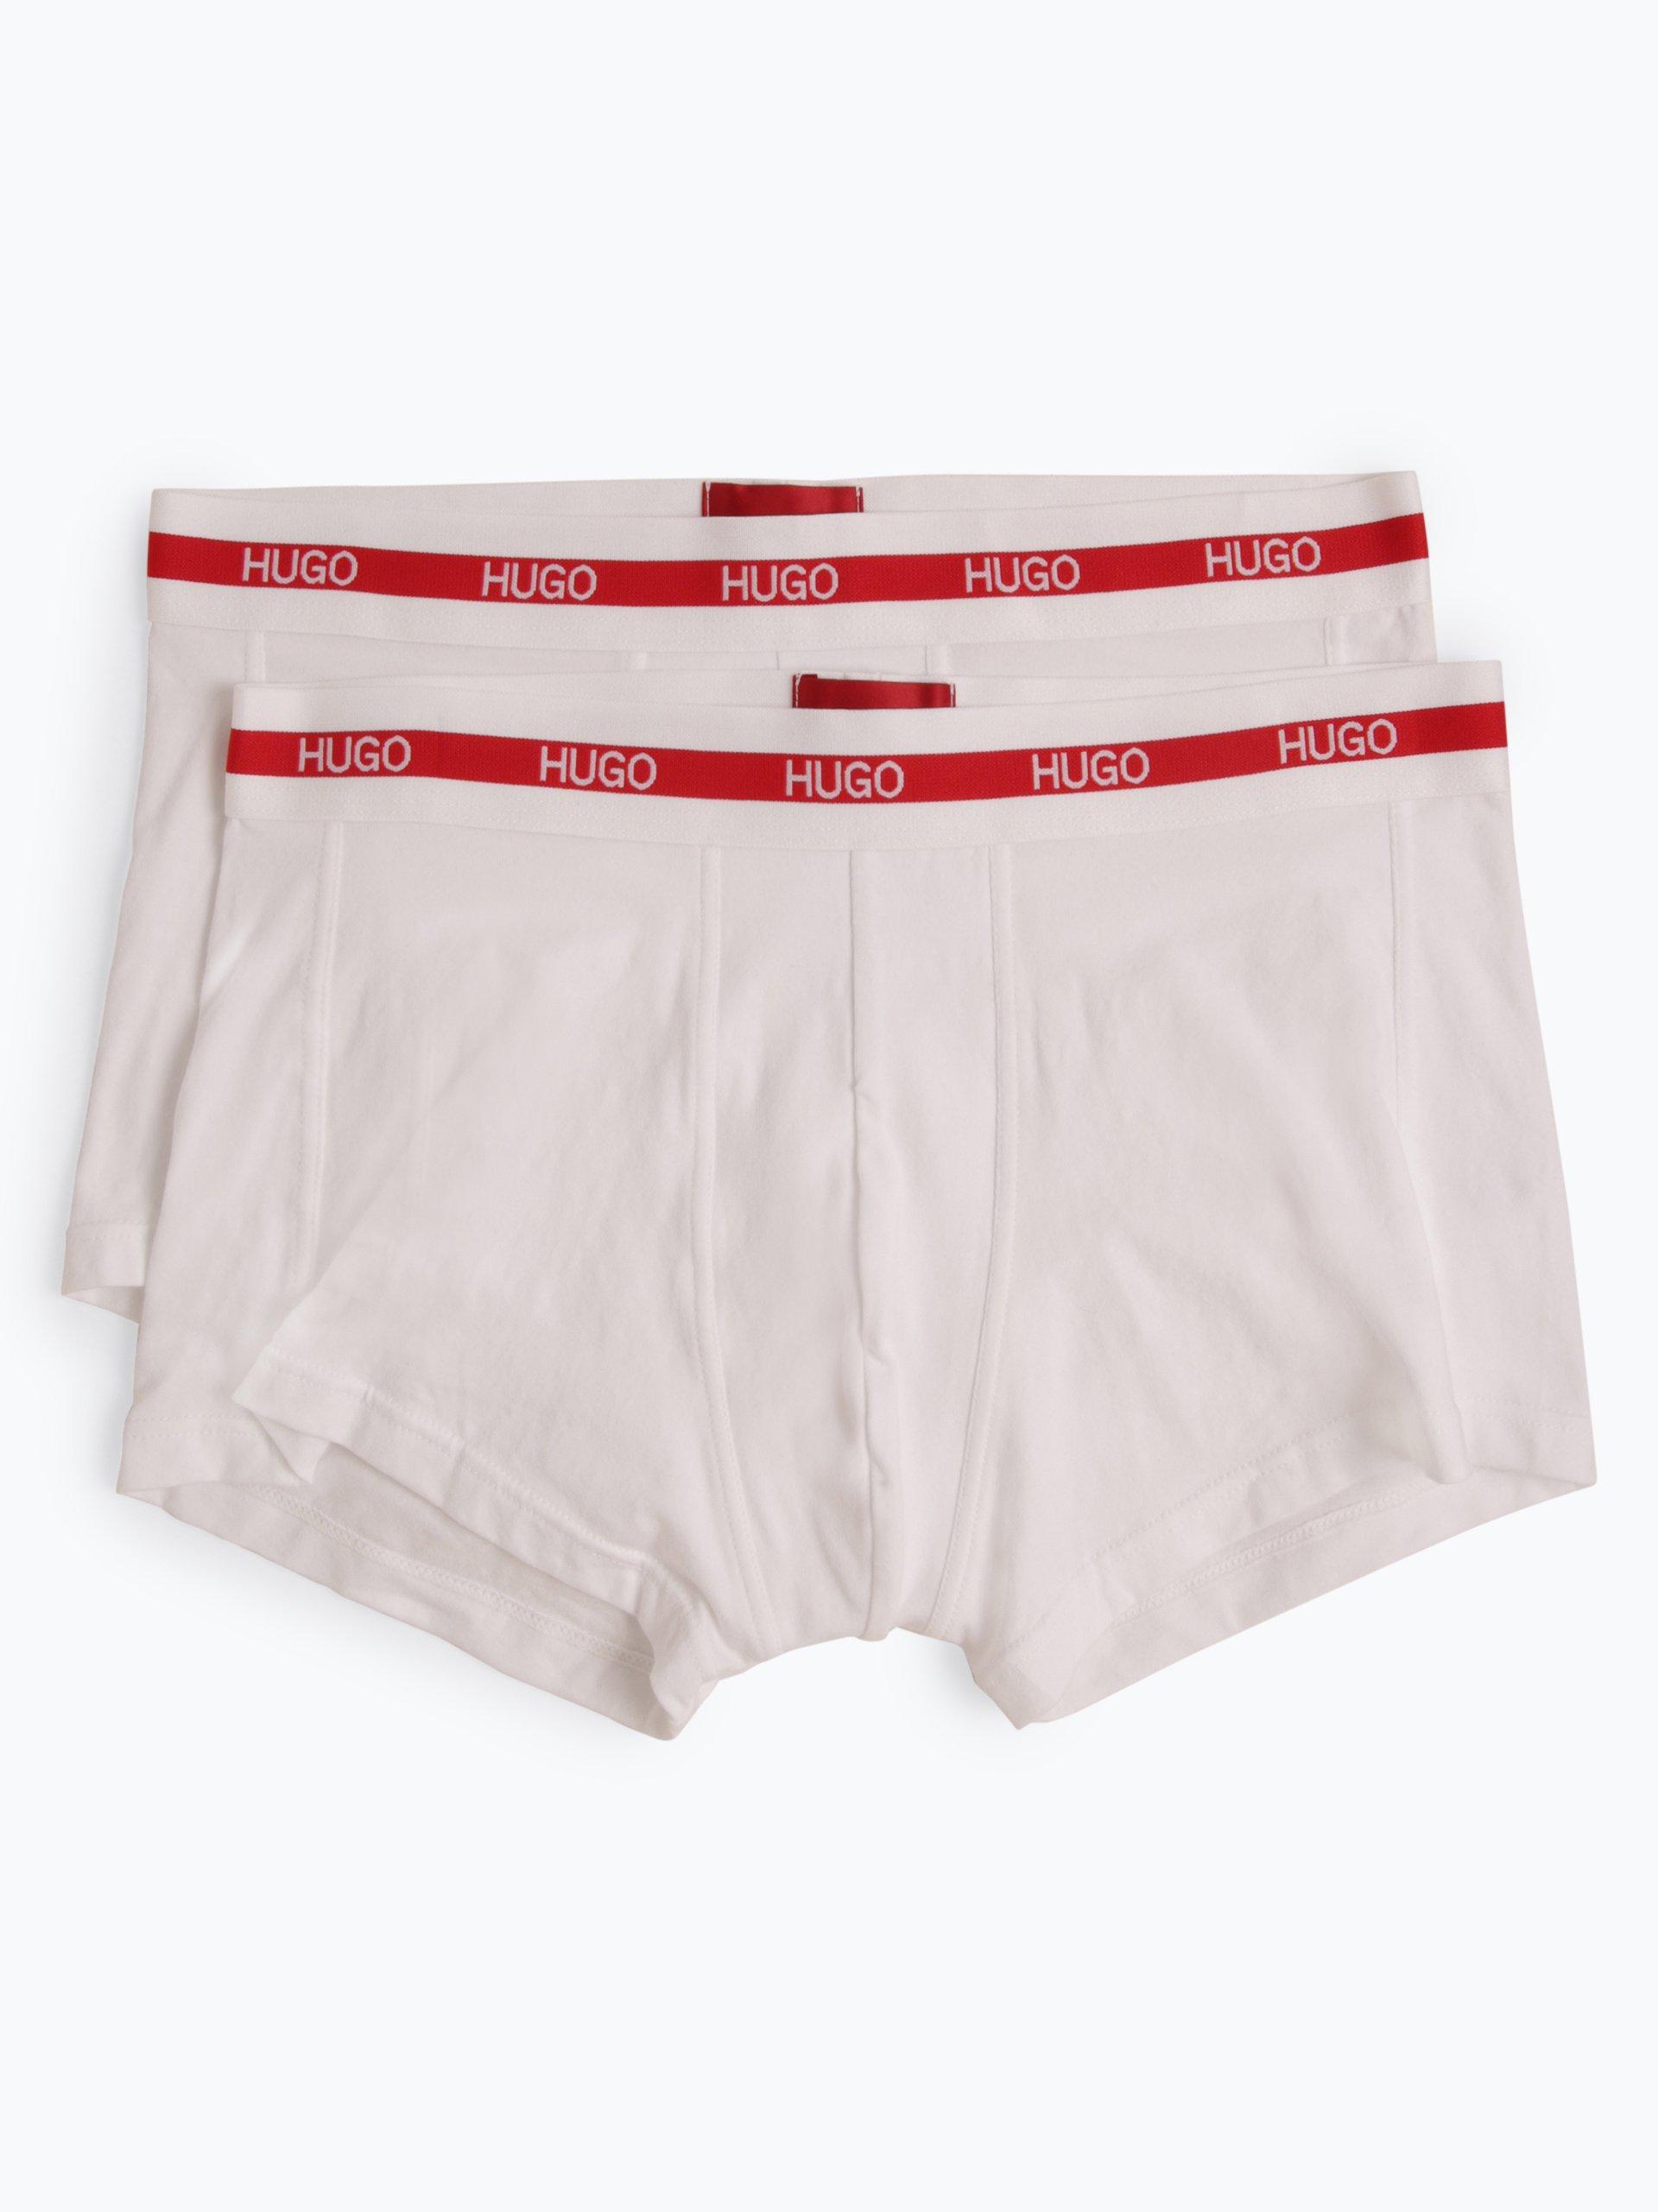 HUGO Herren Pants im 2er-Pack